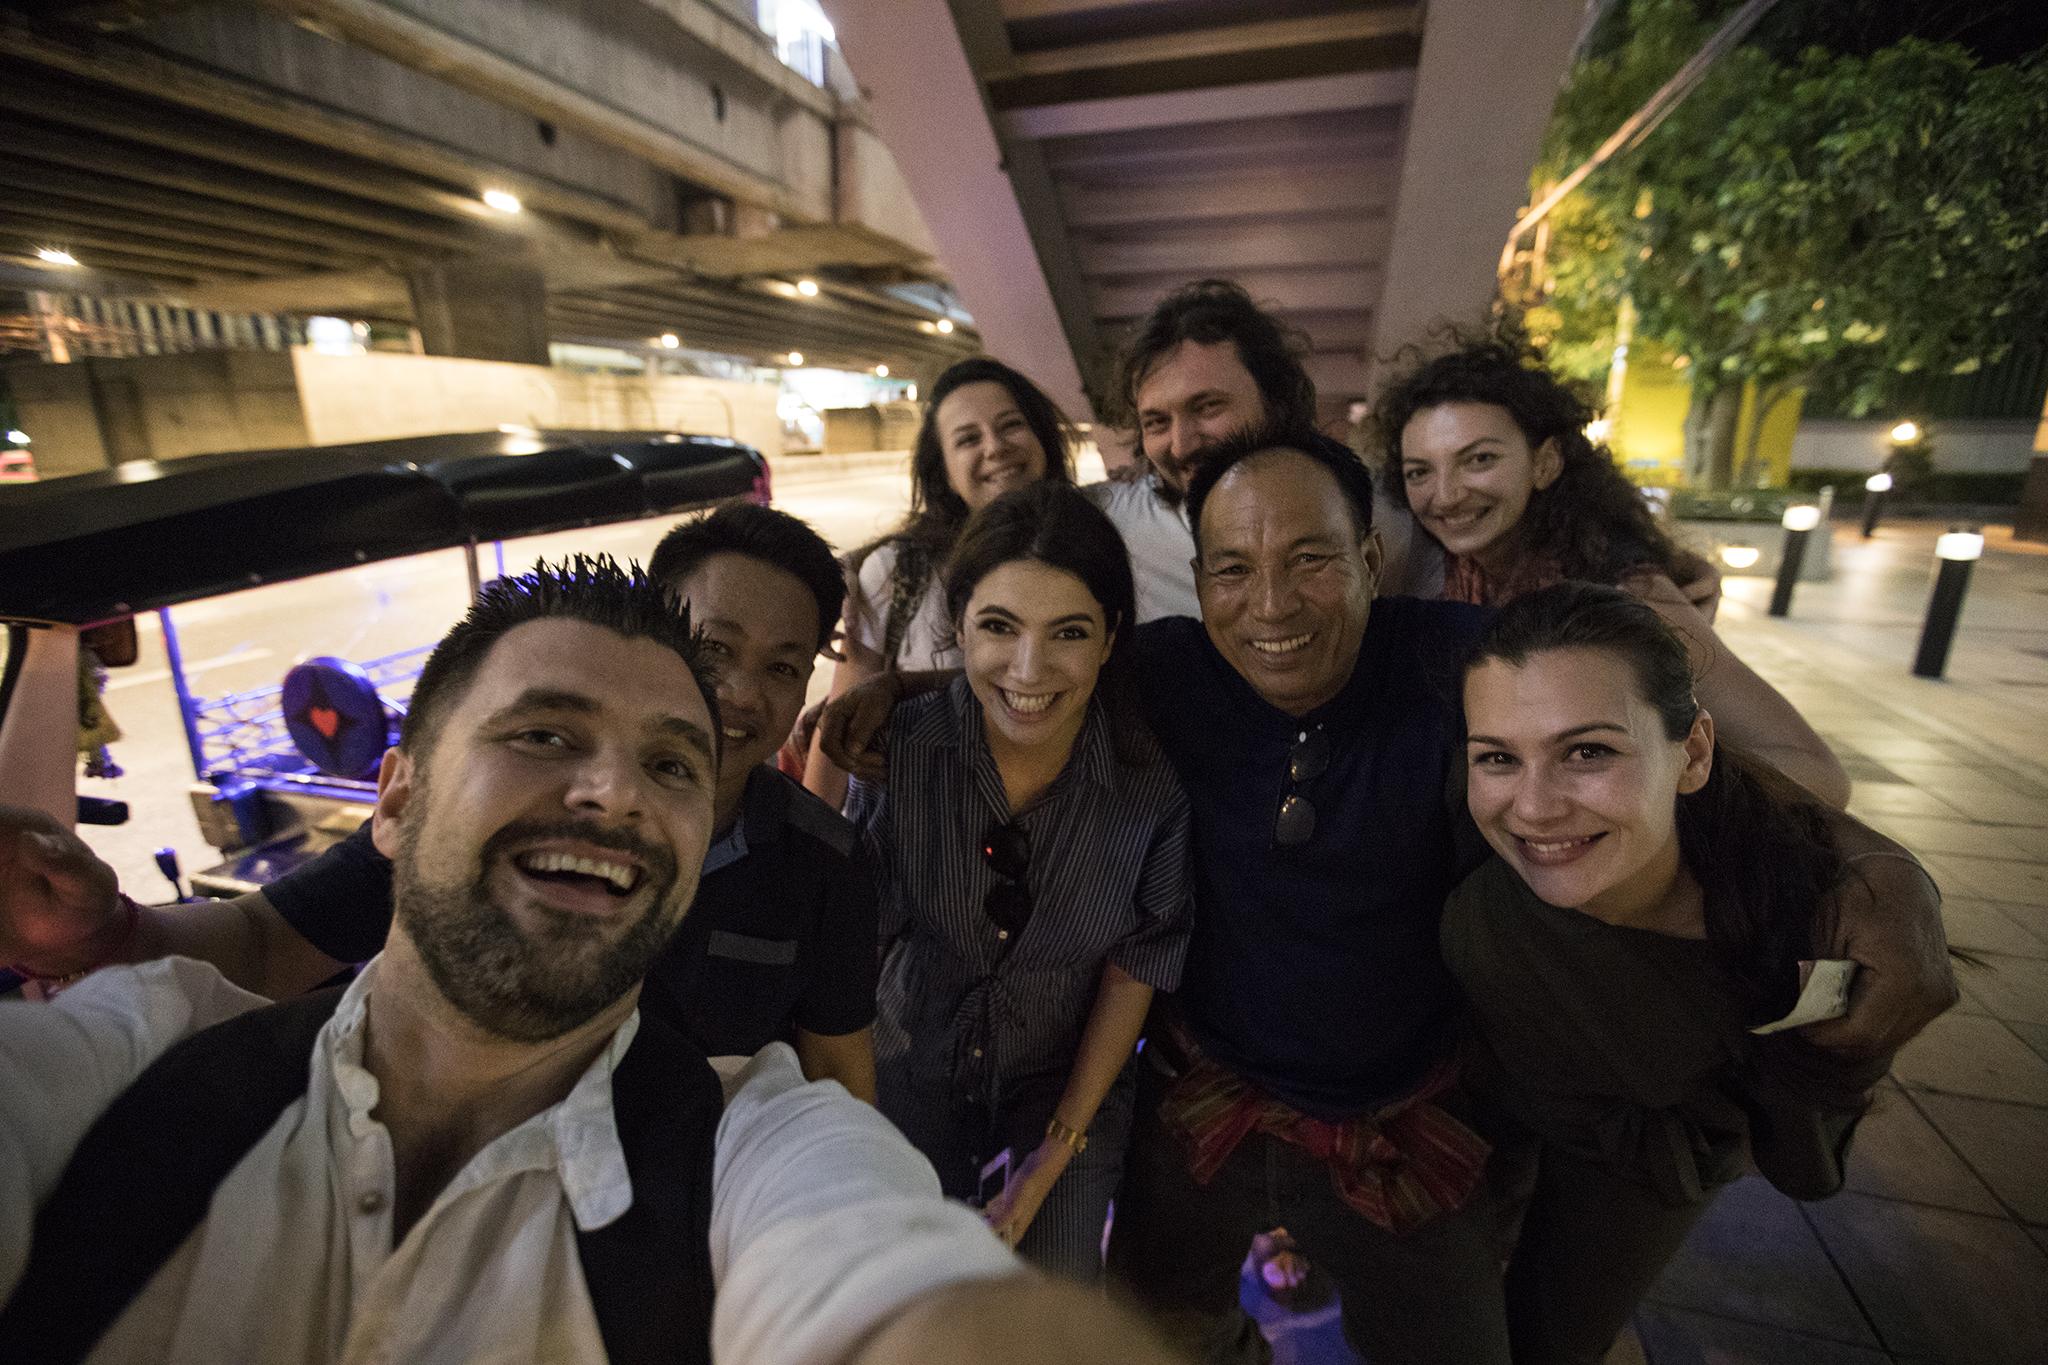 Grupul nostru vesel, impreuna cu cei doi soferi de tuk-tuk care ne-au dus on a wild ride pe strazile Bangkok-ului